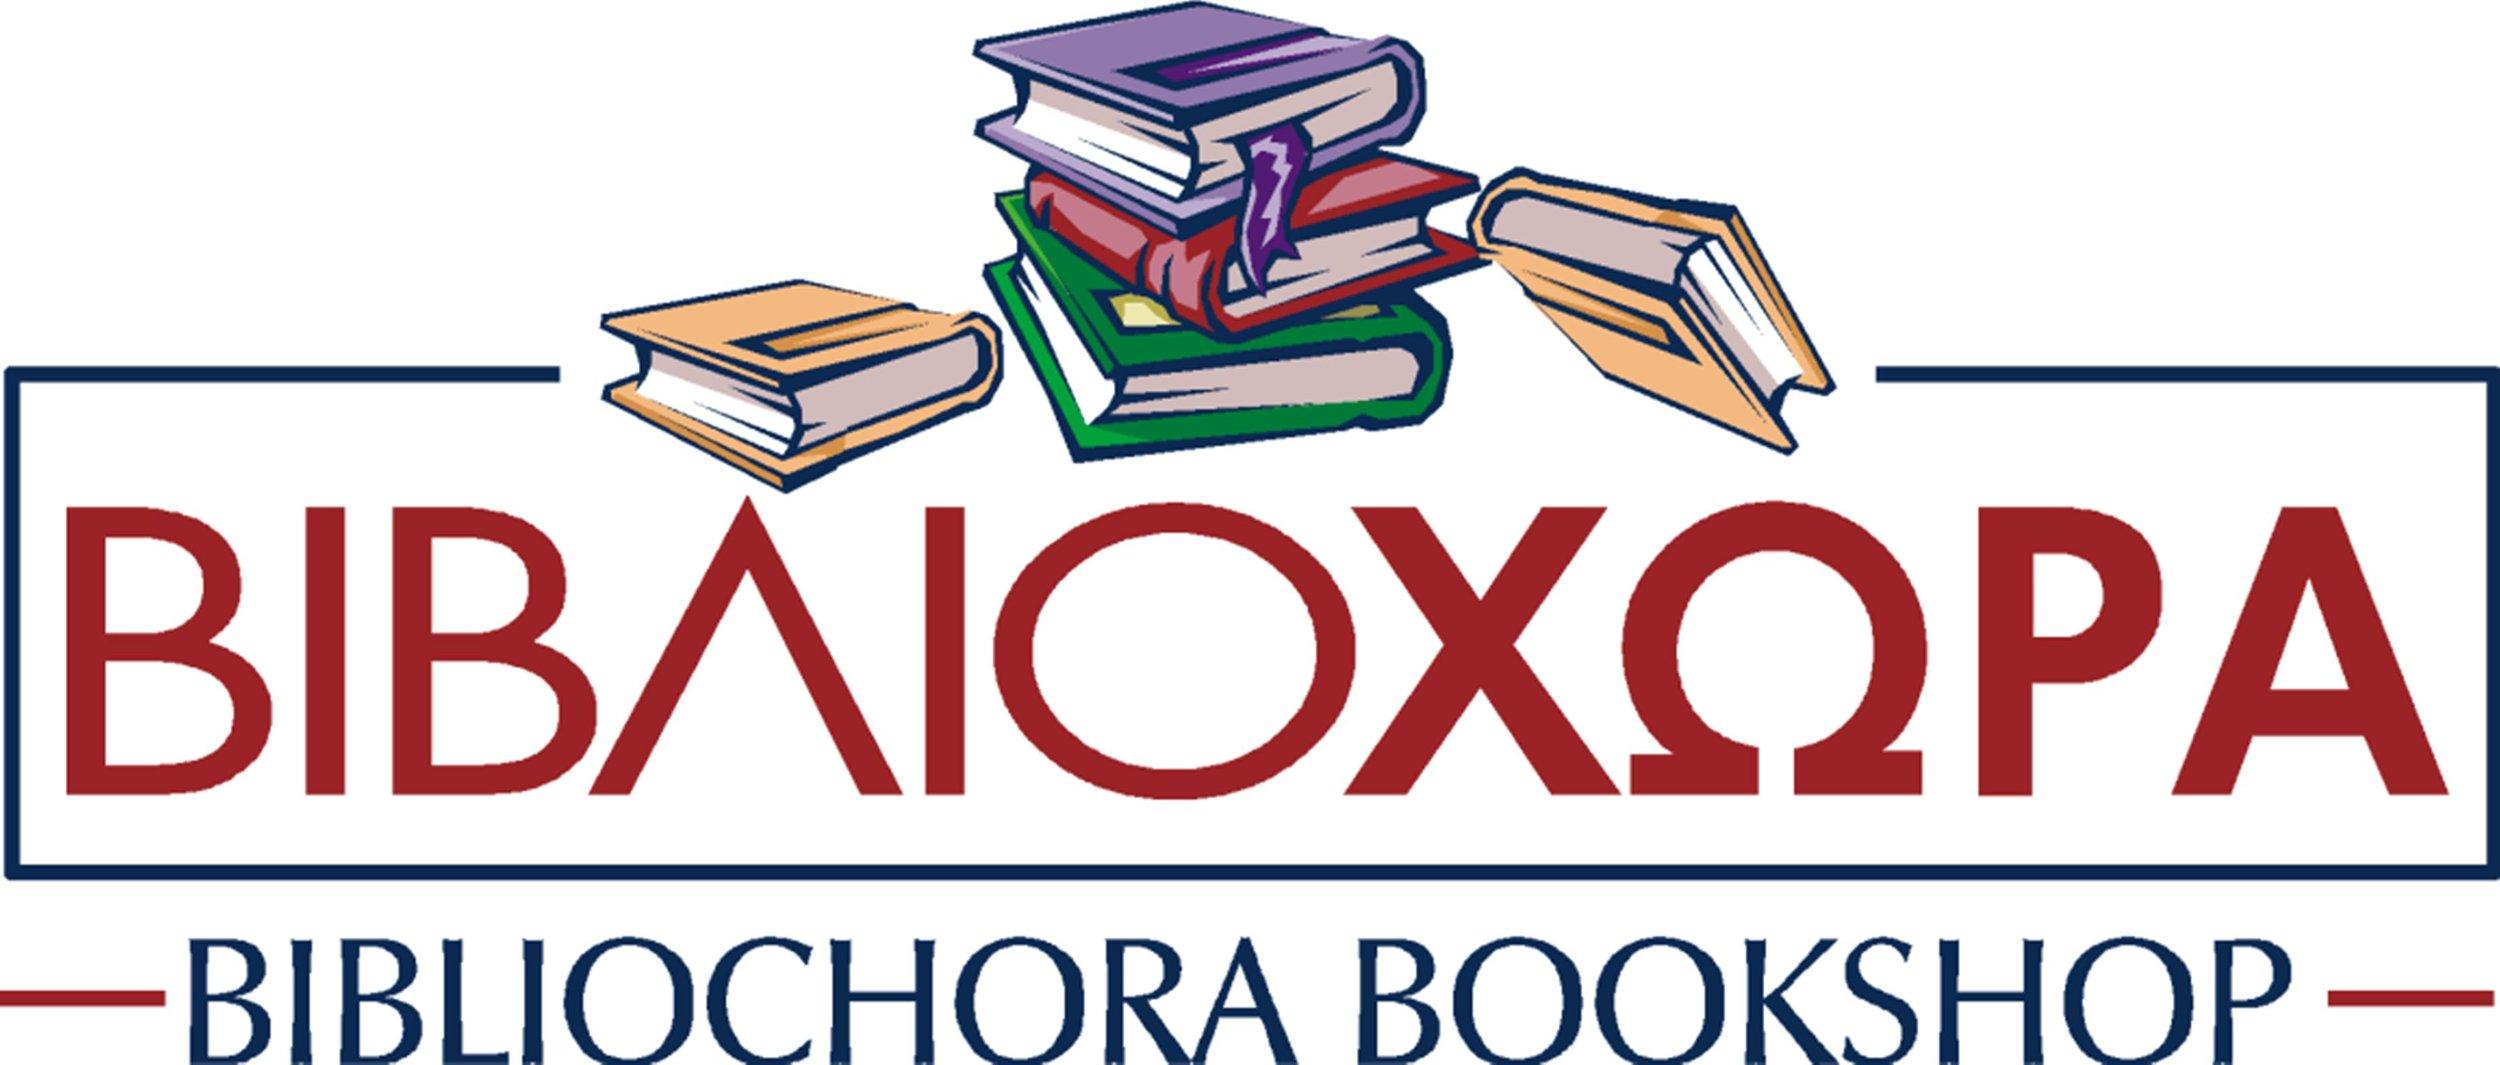 Έκπτωση 25% στα βιβλία Ψυχολογίας από το βιβλιοπωλείο Βιβλιοχώρα στη Λεμεσό